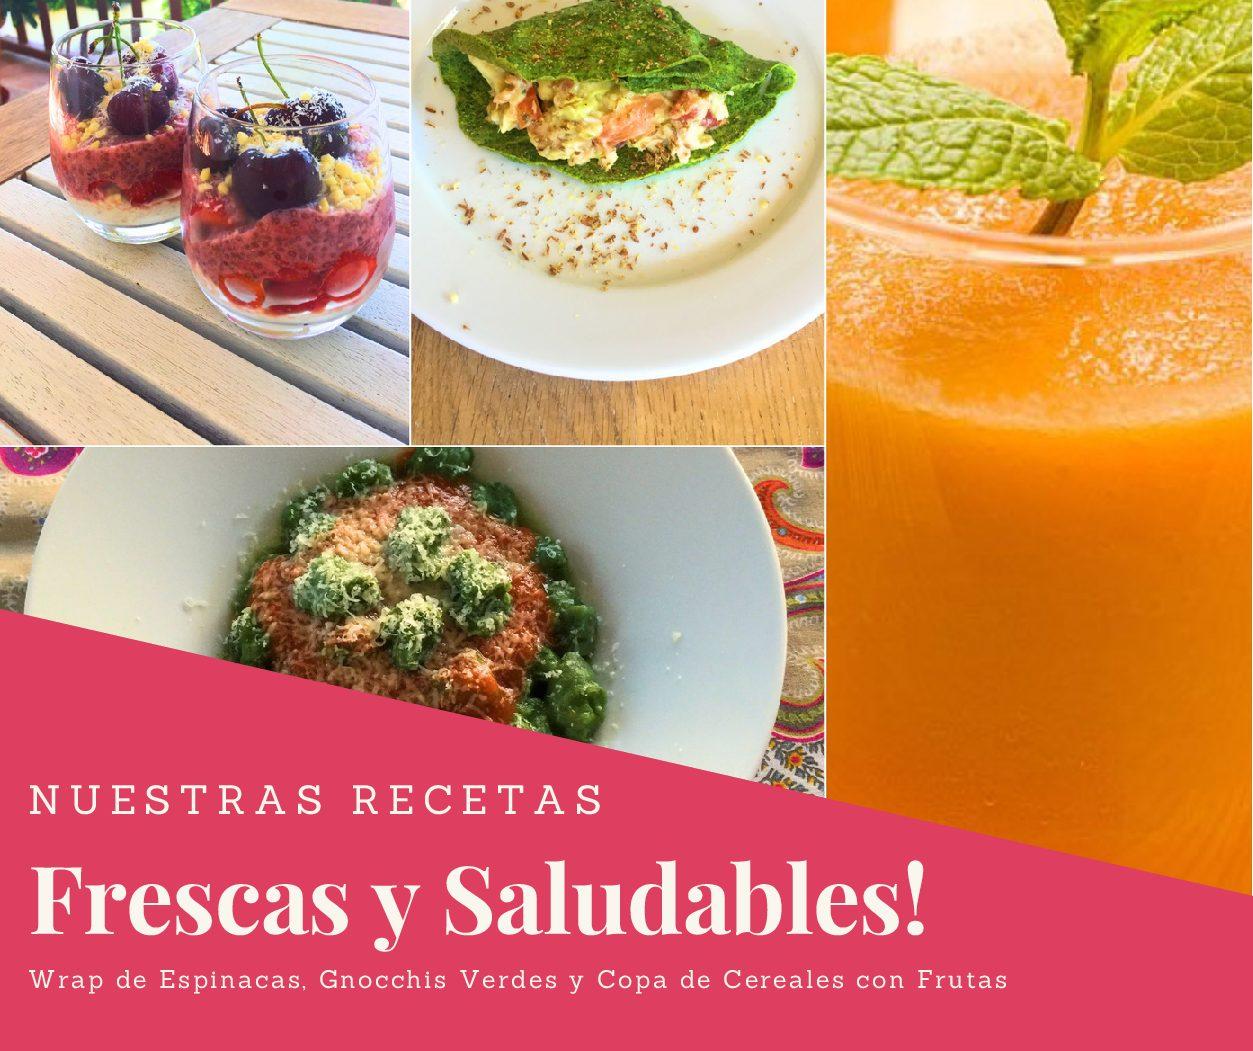 RECETAS SALUDABLES. Wrap de Espinacas, Gnocchis Verdes y Copa de Cereales con Frutas